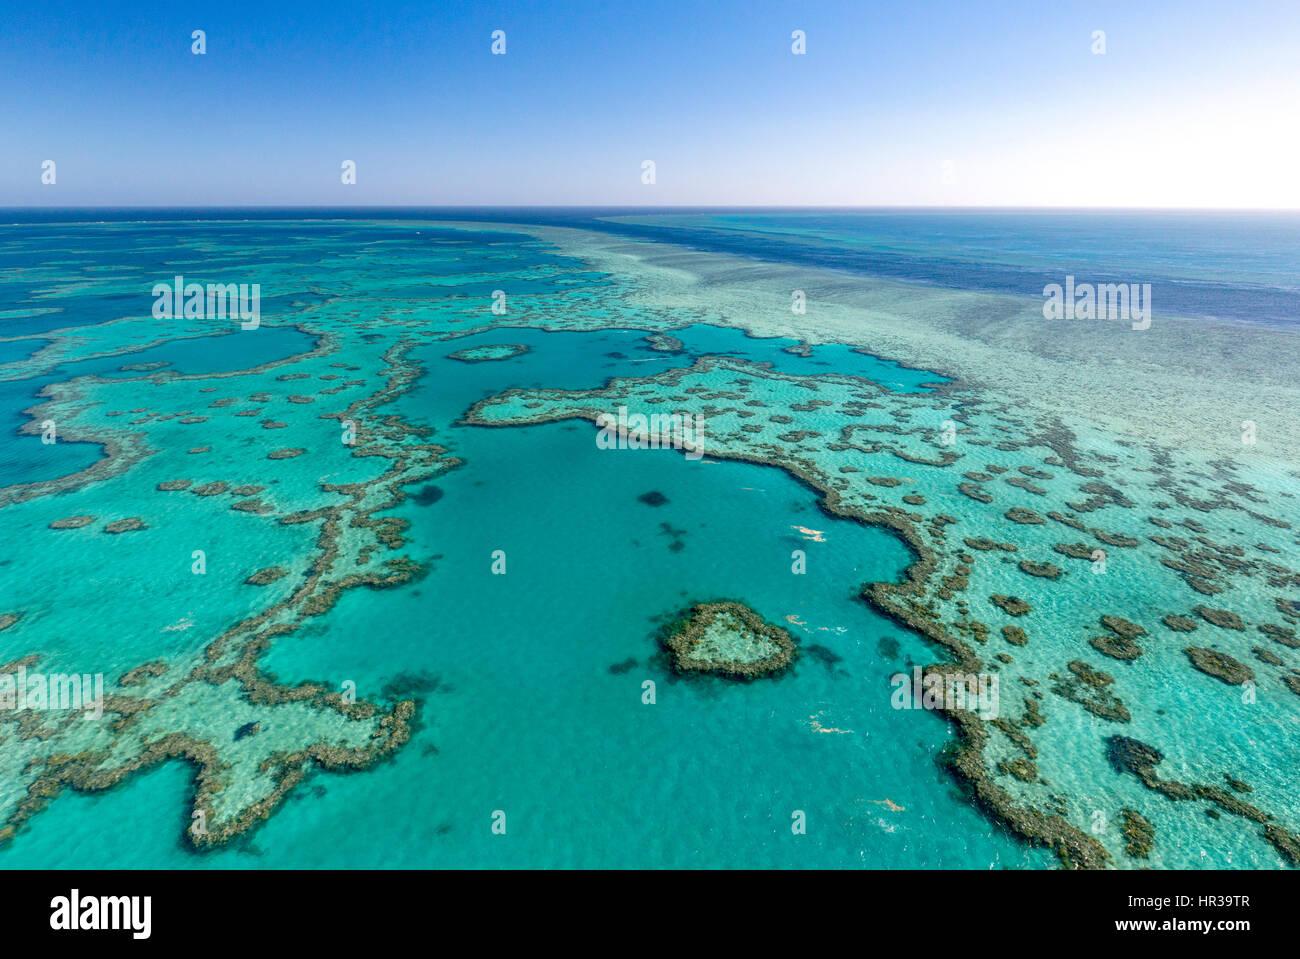 Coral Reef, cuore Reef, parte di Hardy Reef, la Grande Barriera Corallina, Queensland, Australia Immagini Stock